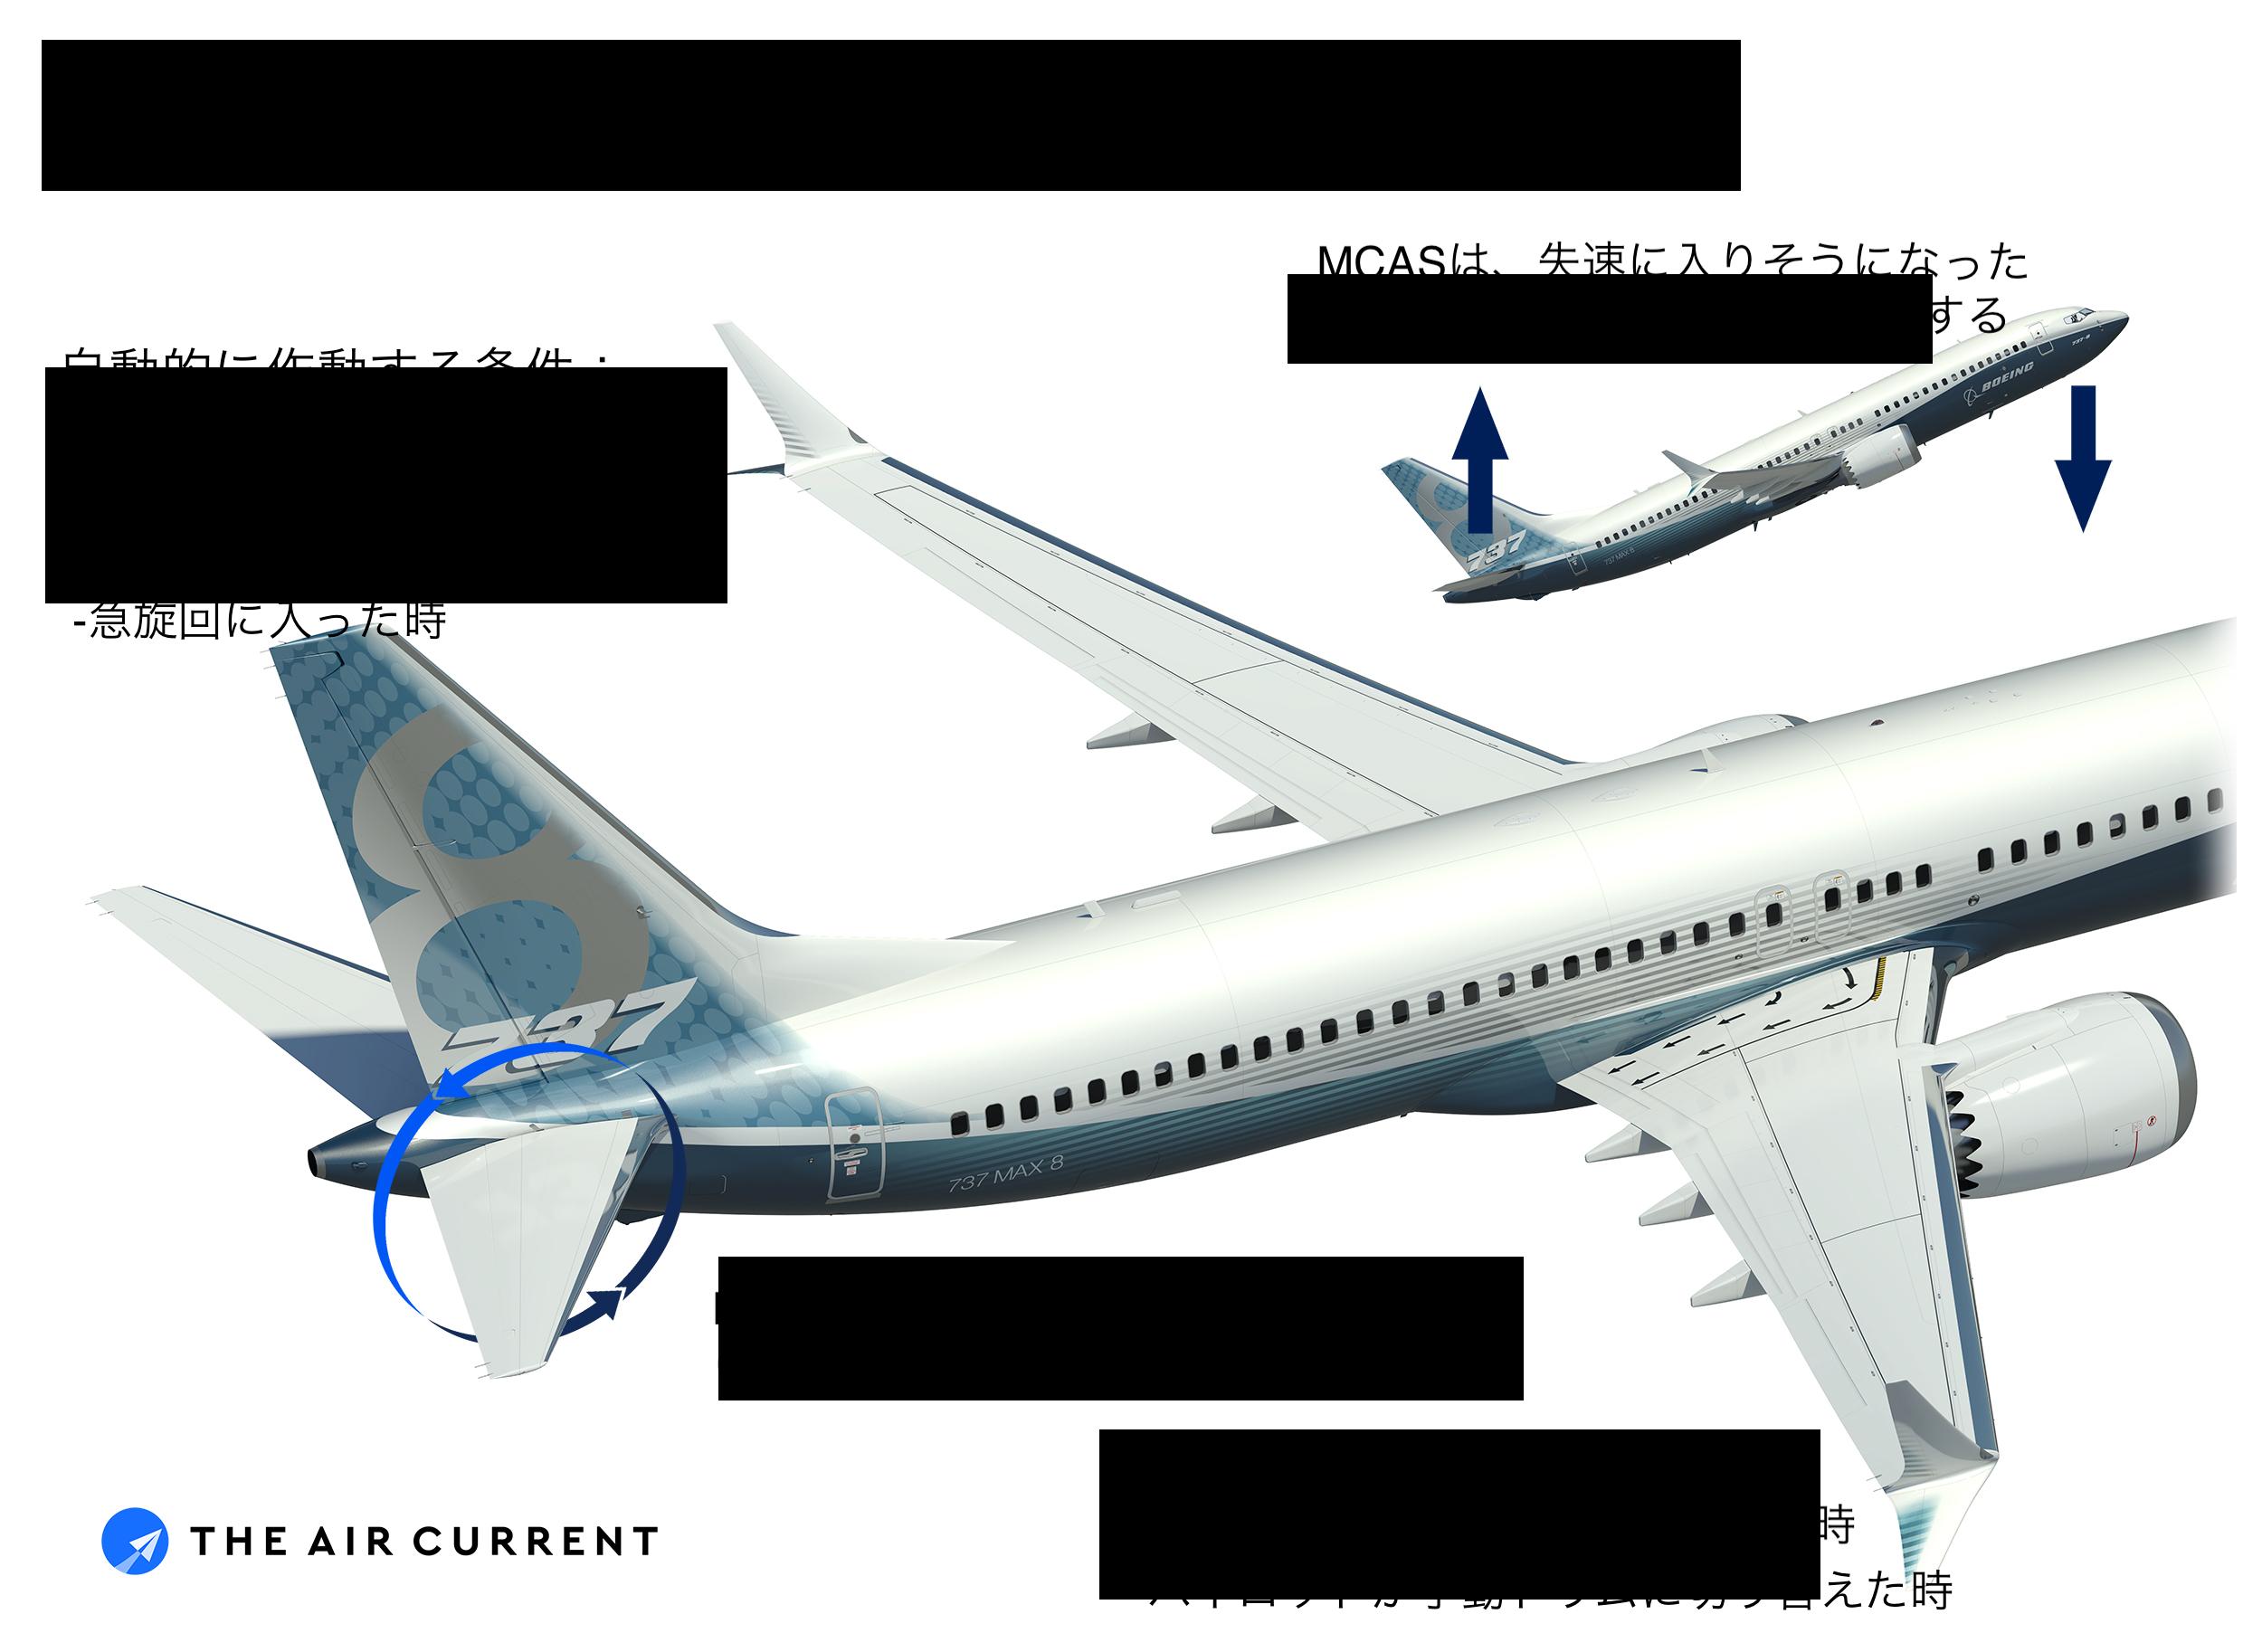 ボーイング737 MAXの事故について | TOKYO EXPRESS